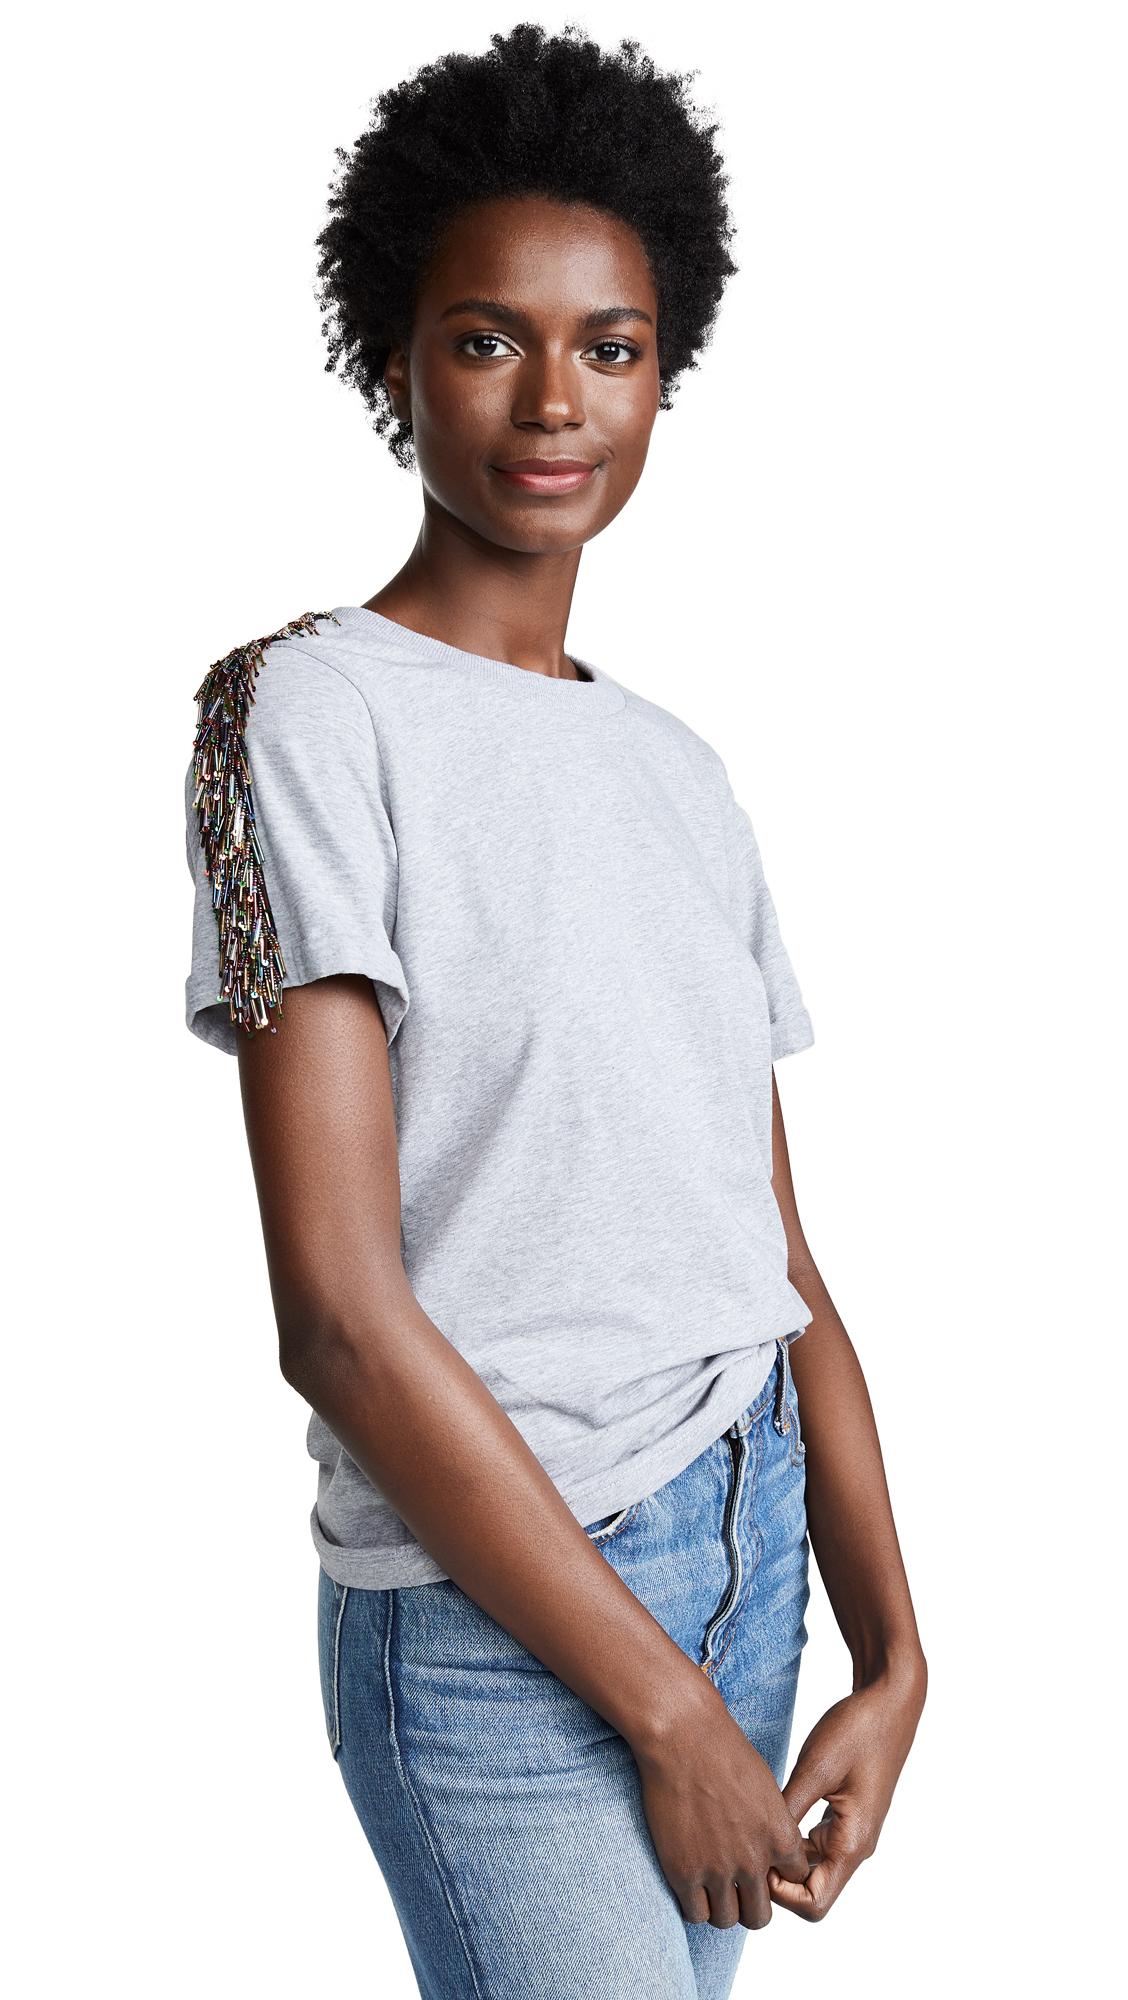 ZAYAN THE LABEL Blake T-Shirt in Grey